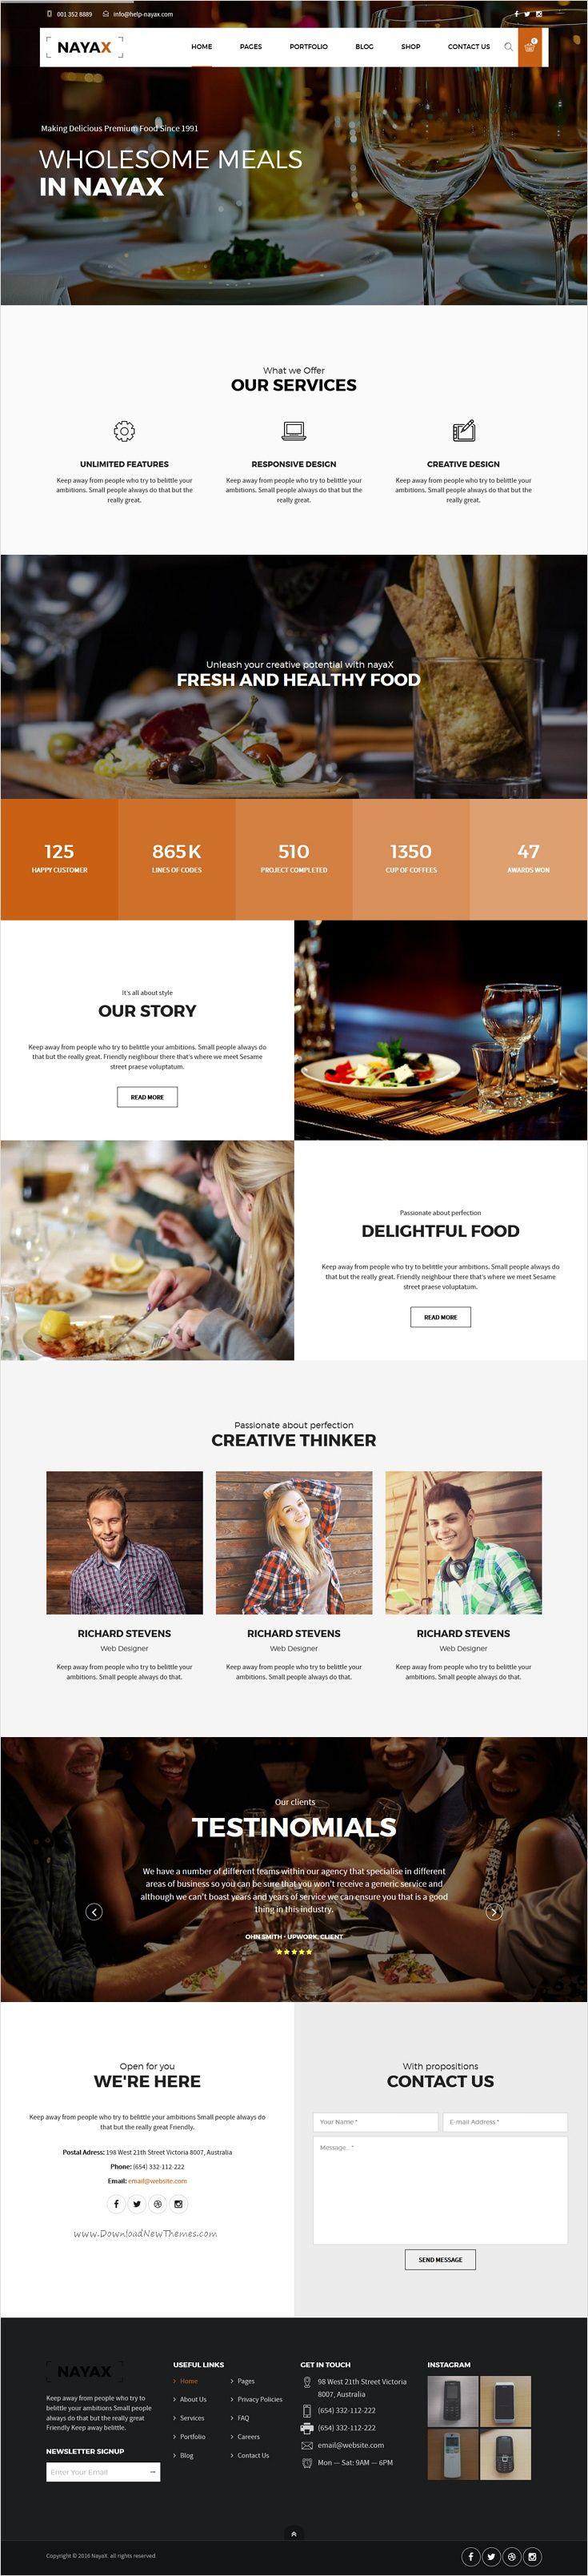 97 best website images on pinterest website designs web design